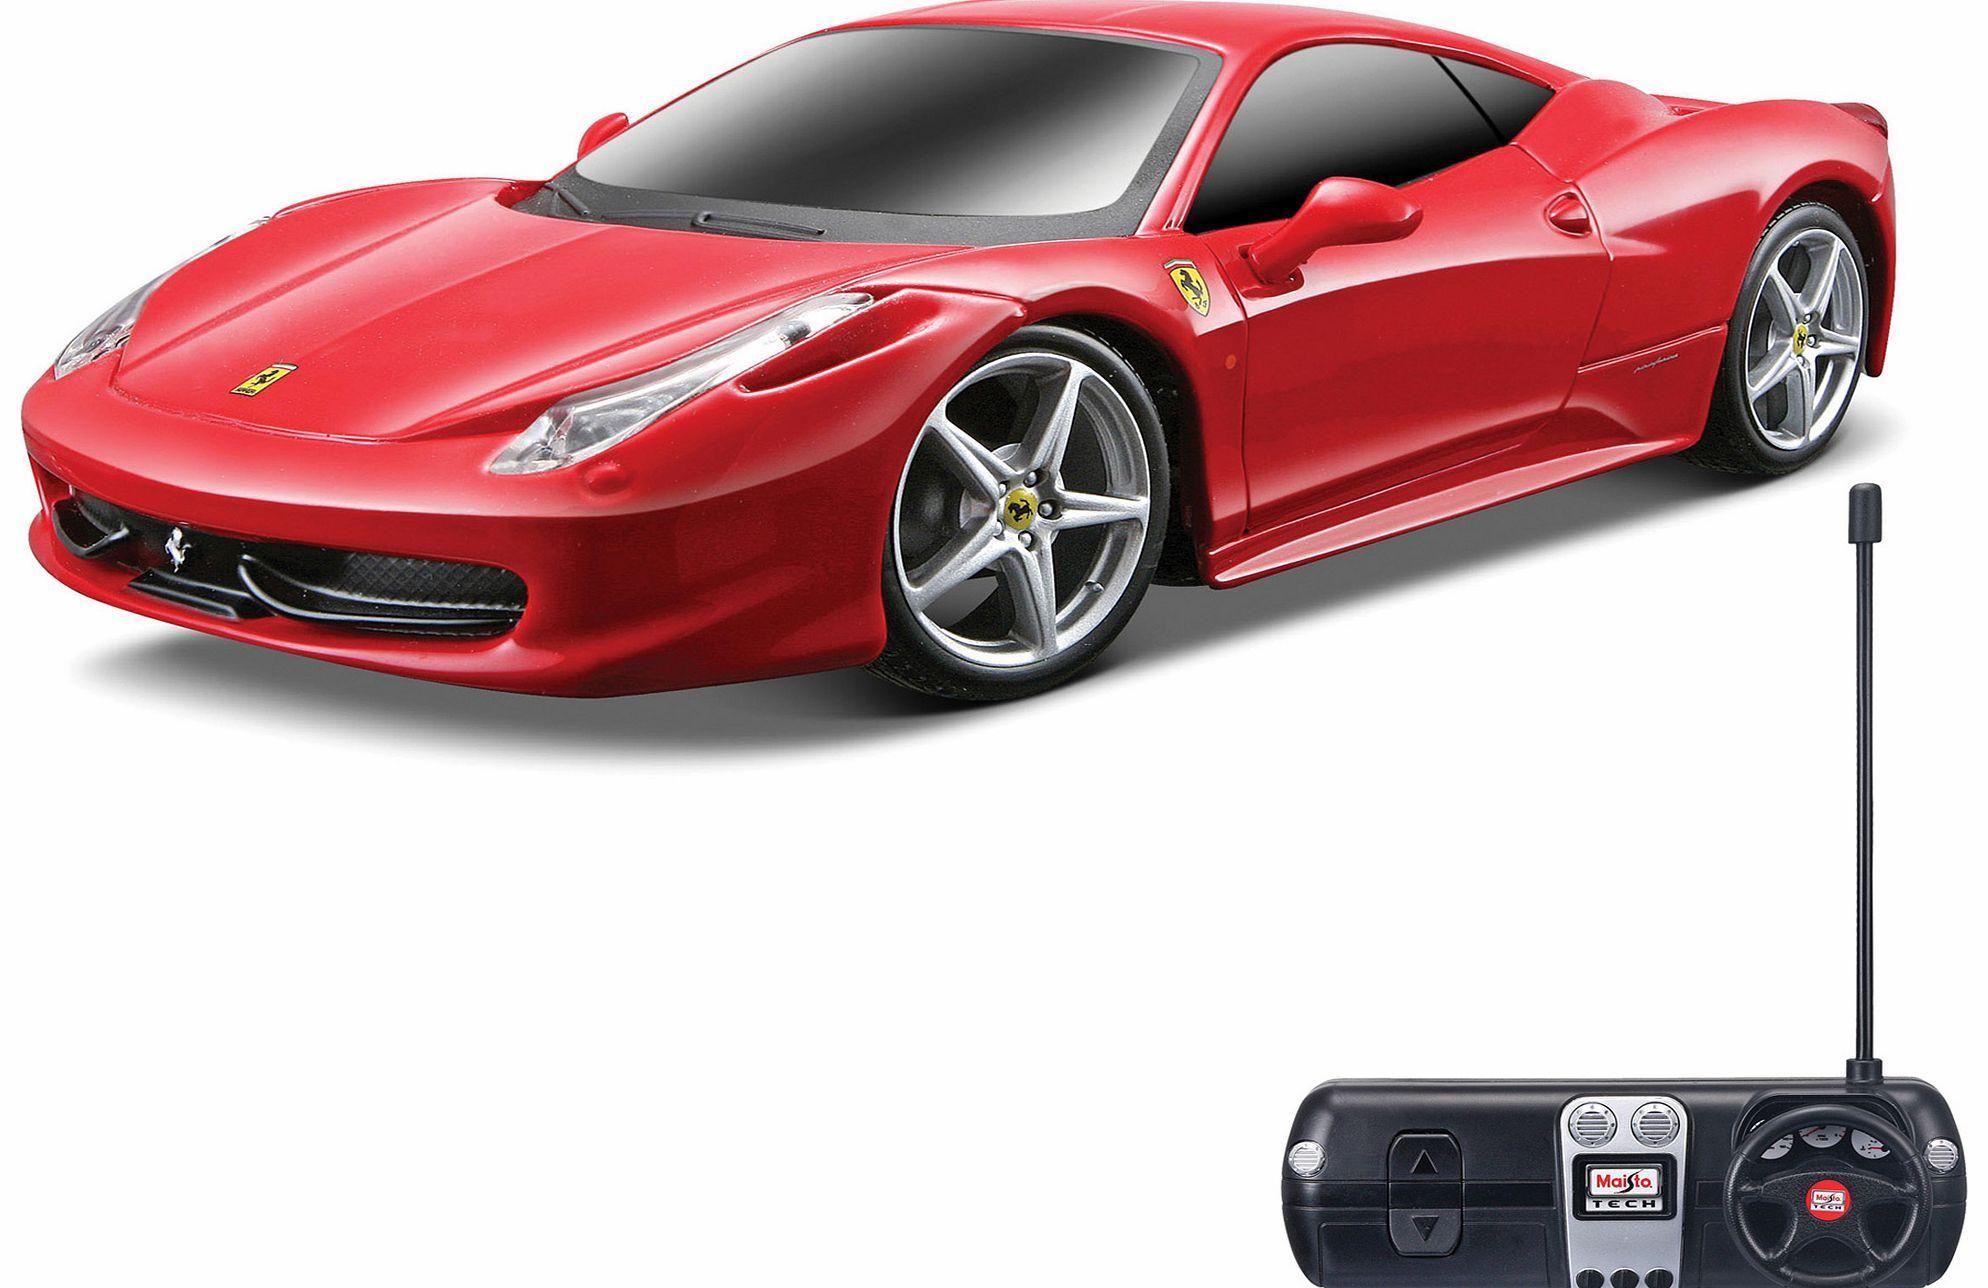 b0a1537ac4a3c1b1b4c430a93ad14ee9 Fabulous Ferrari Mondial 8 Super Elite Cars Trend